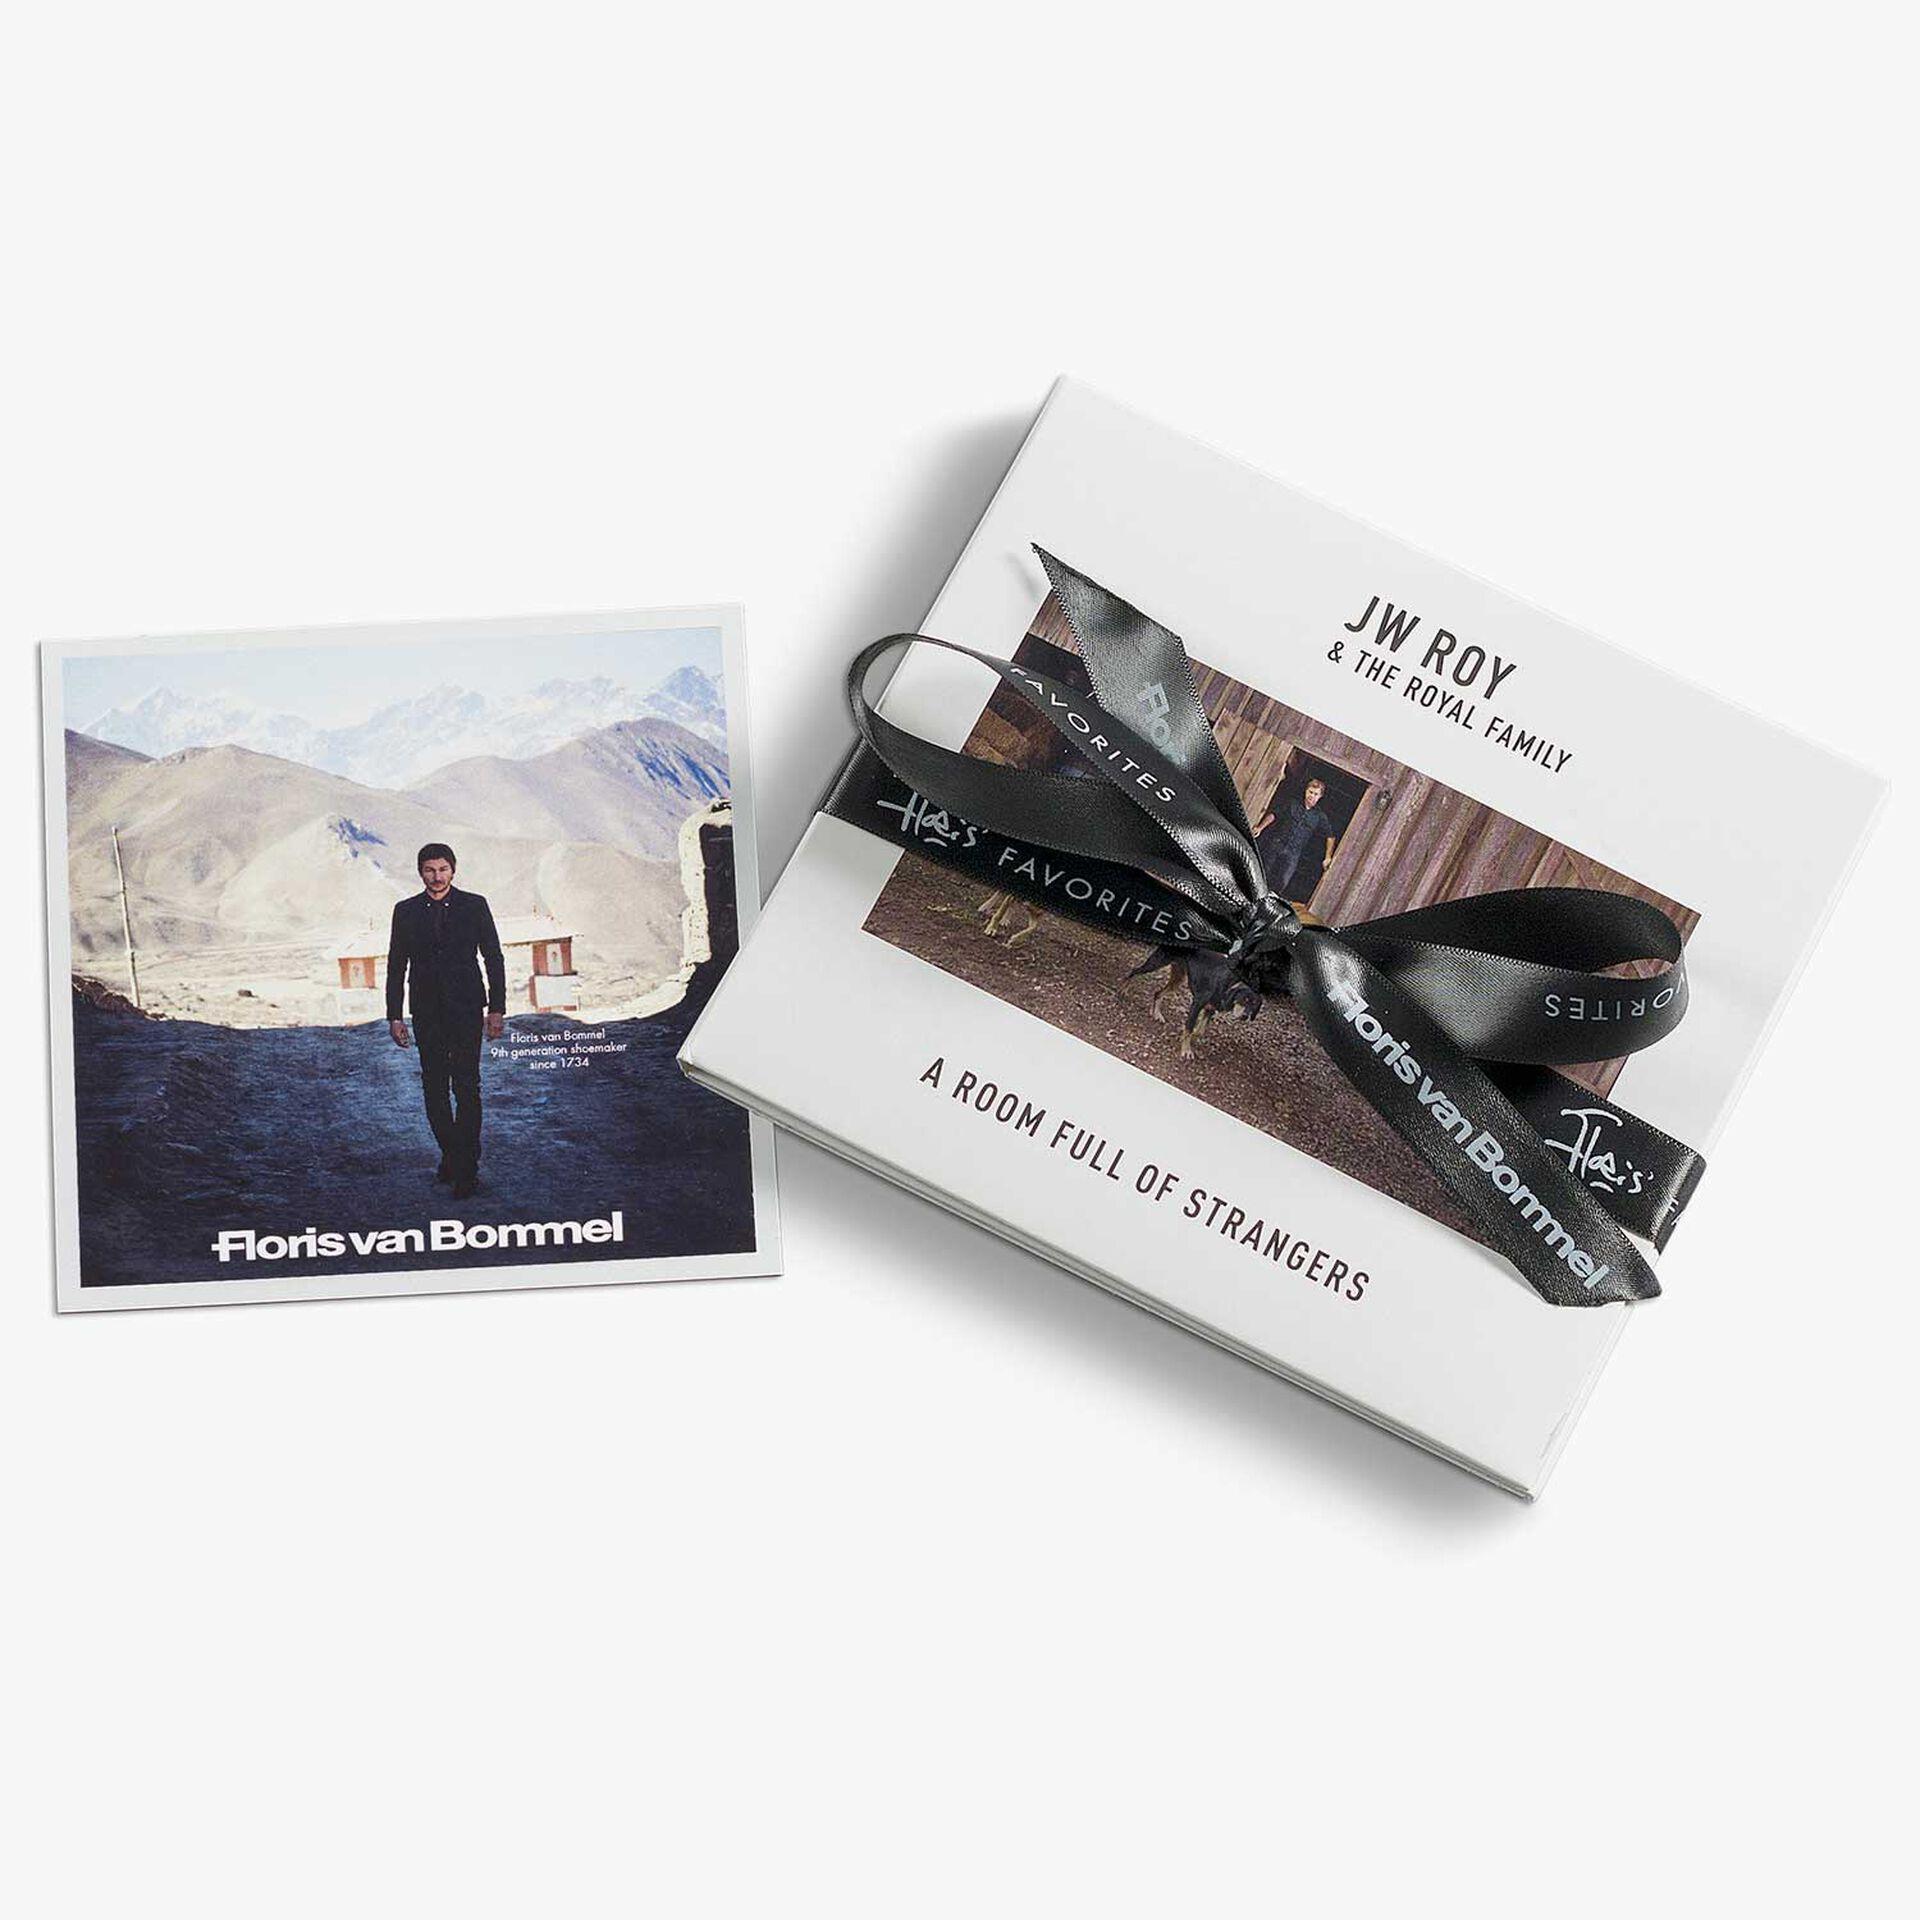 Floris van Bommel Favorites CD. J.W. ROY